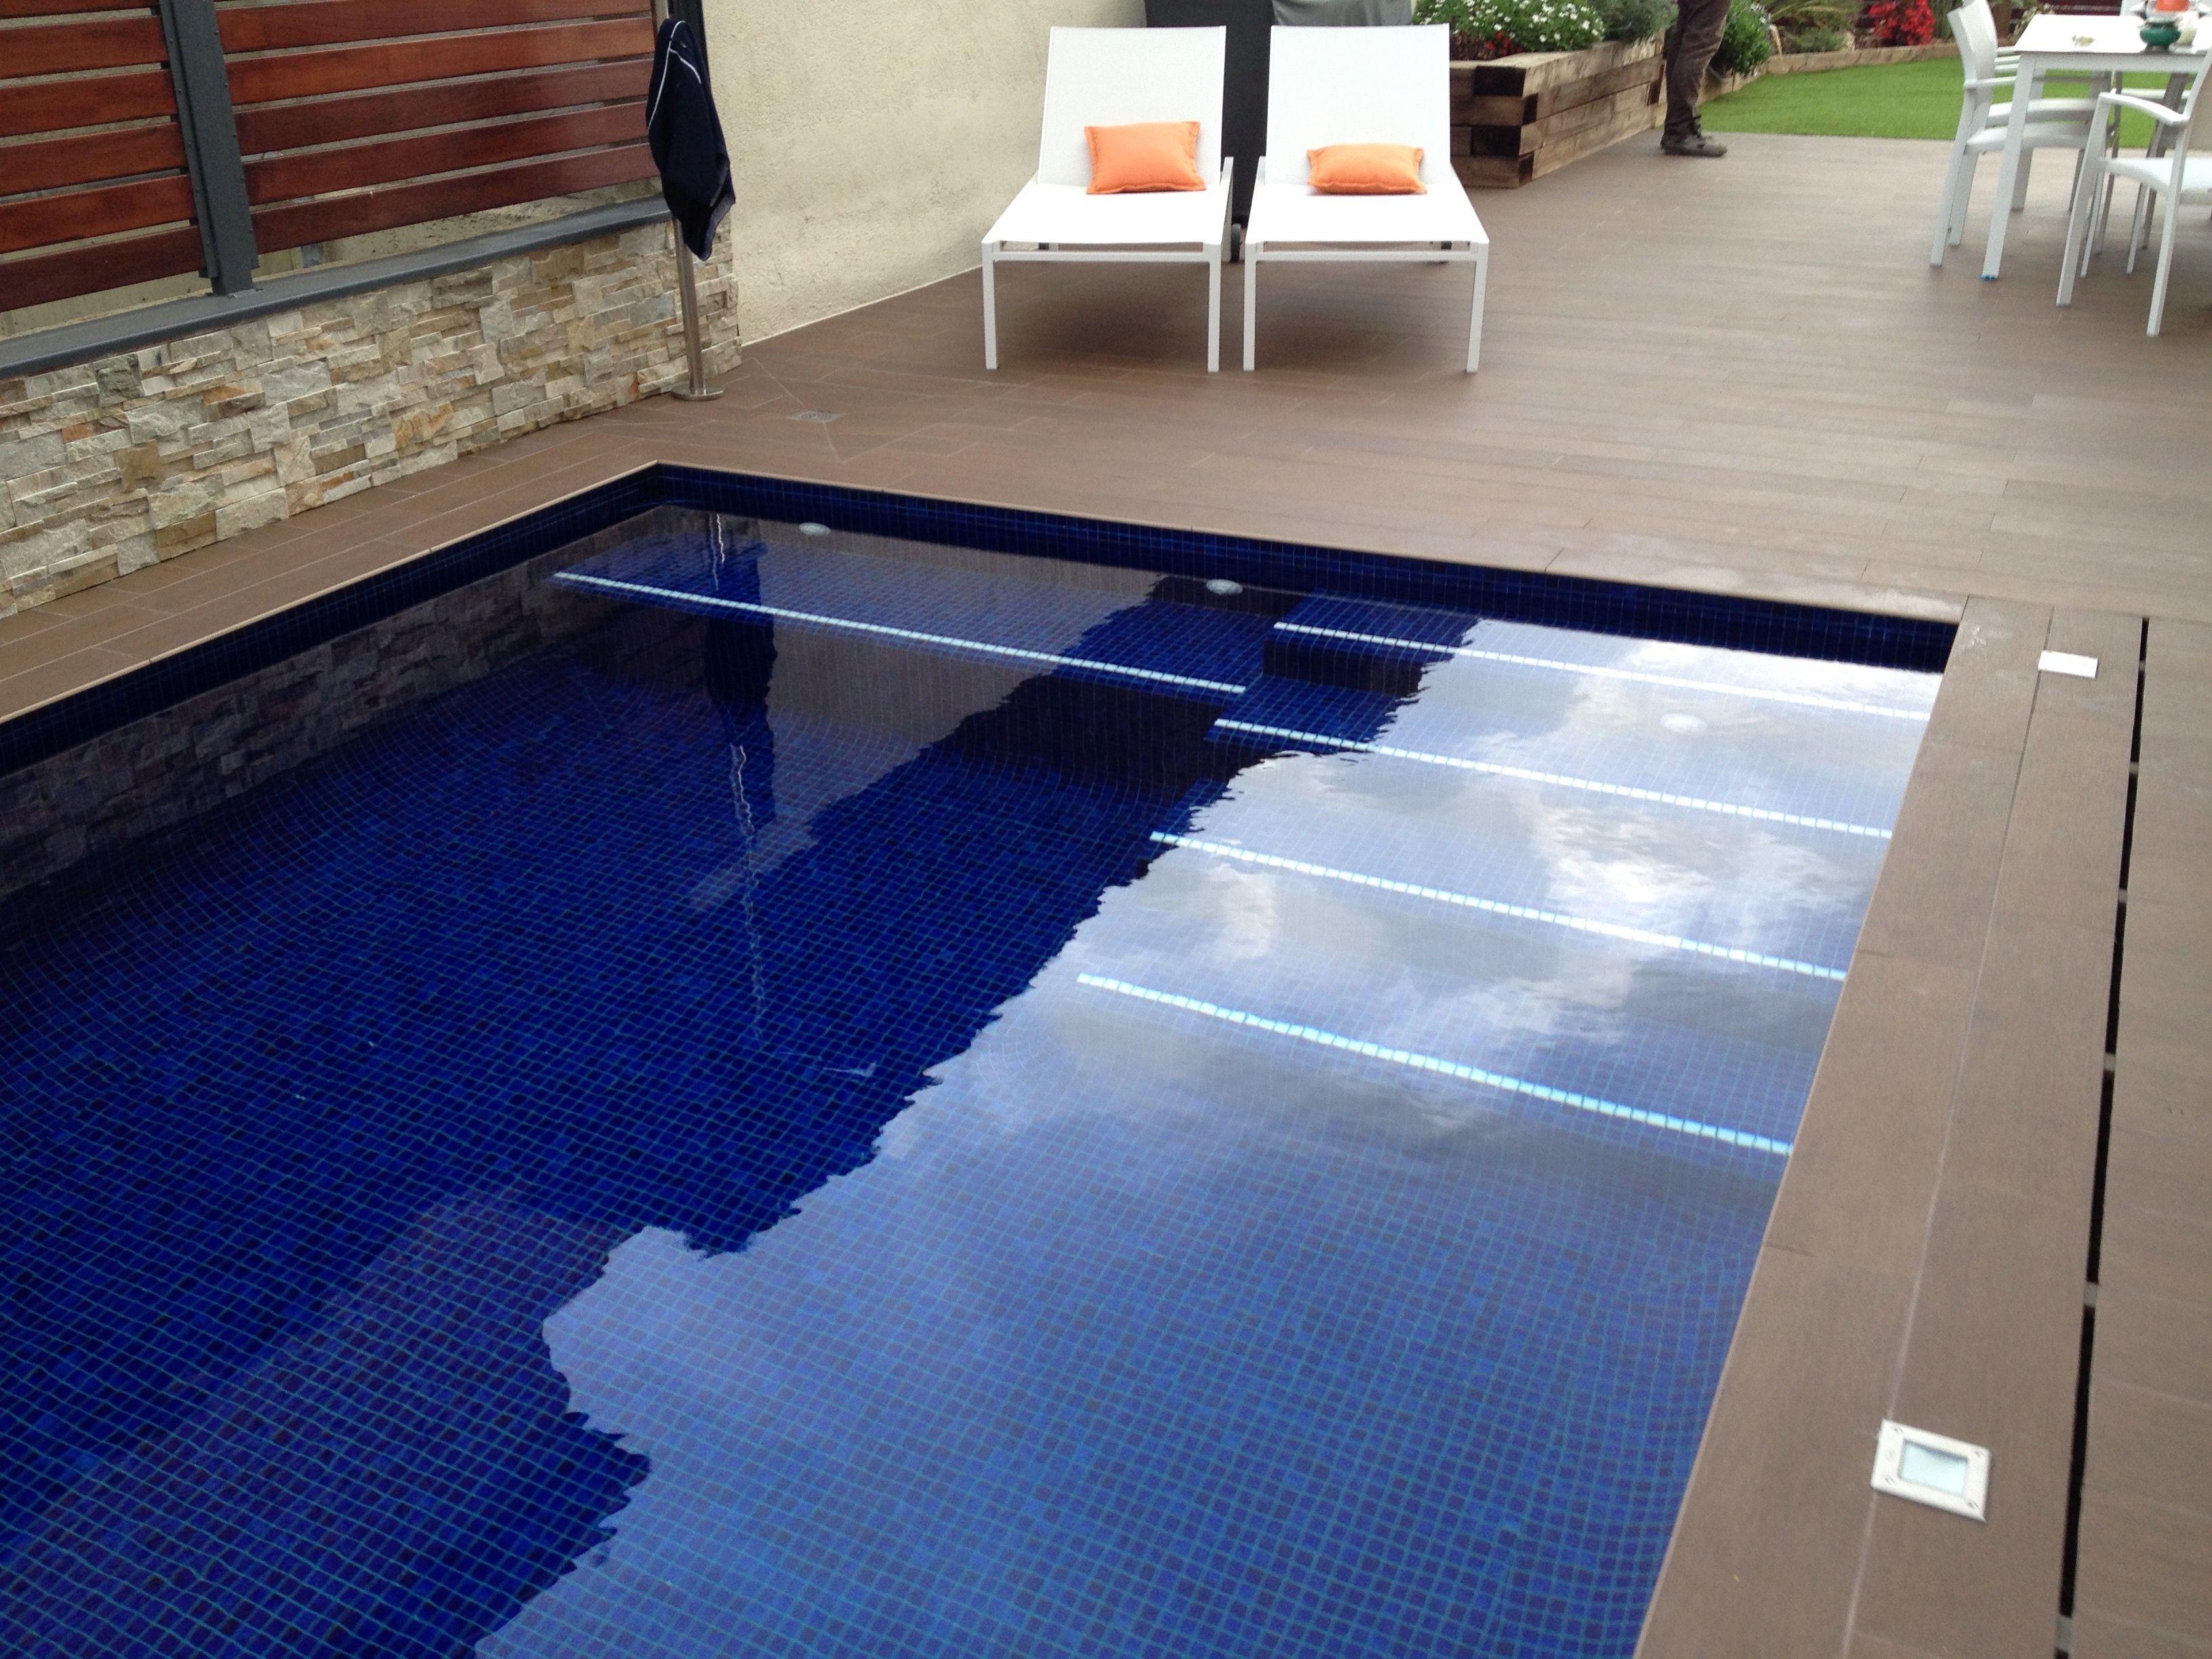 En sant quirze del vall s realizamos el siguiente proyecto for Que precio tiene hacer una piscina